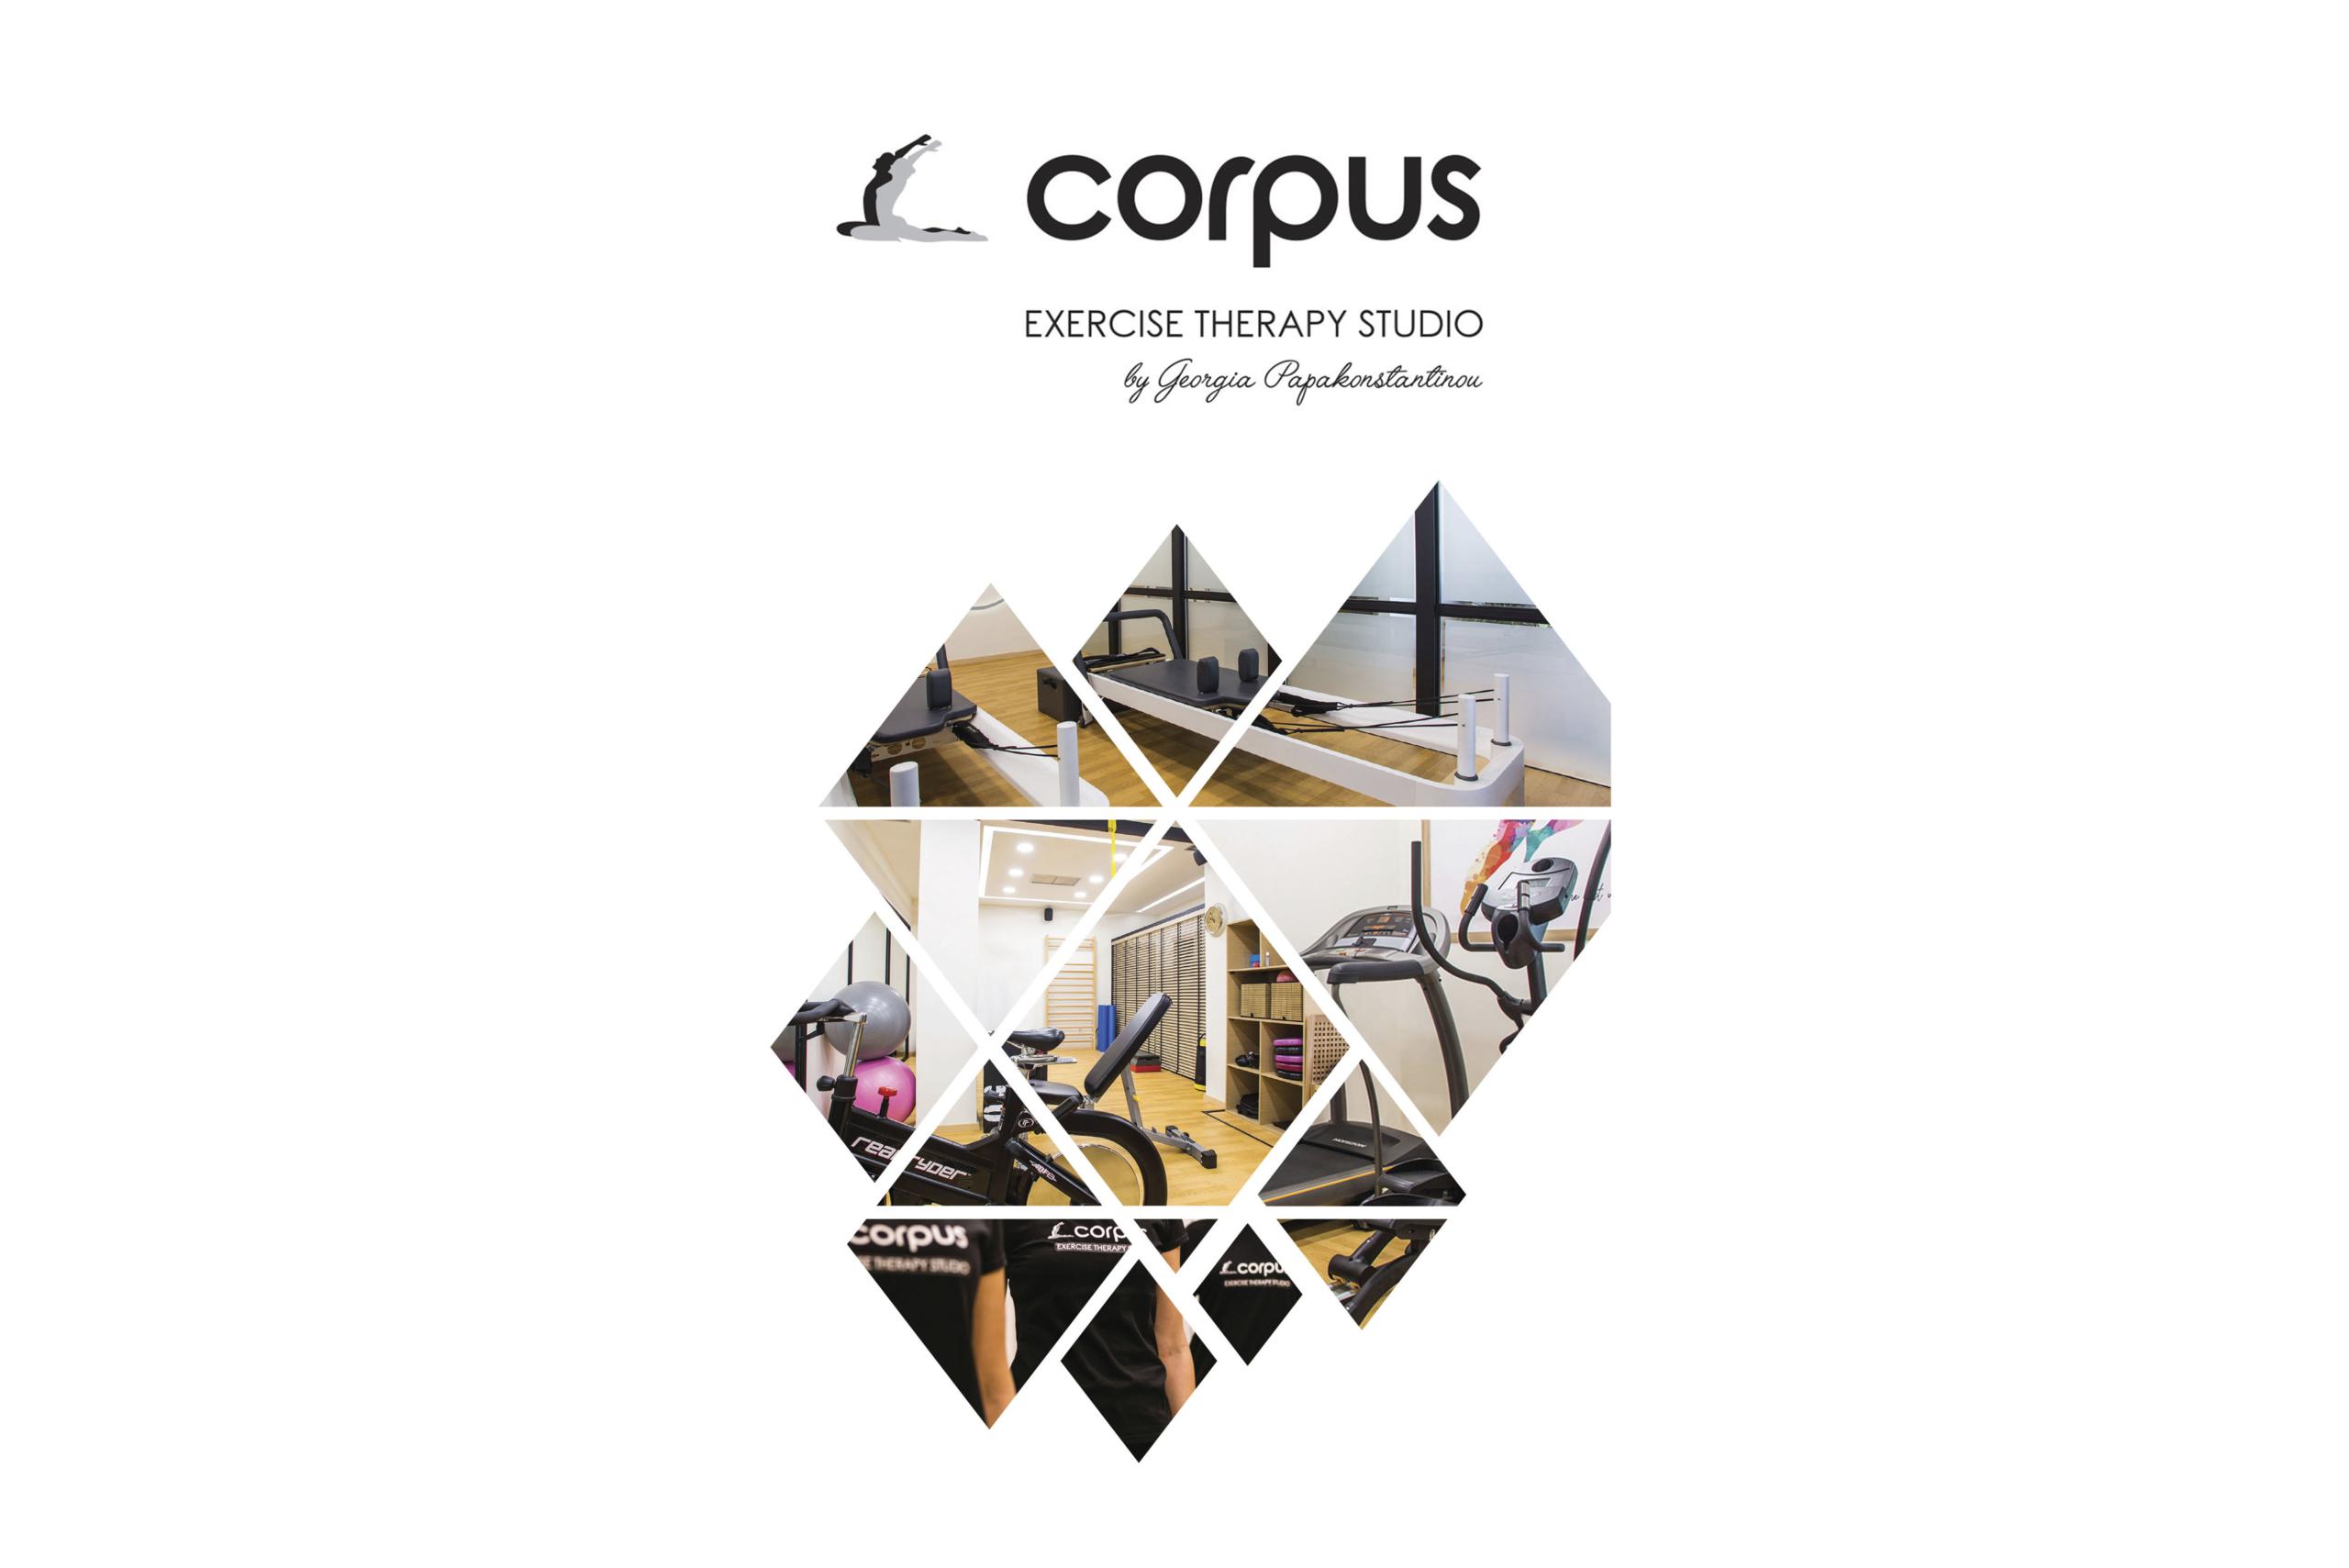 Corpus Exercise Therapy Studio